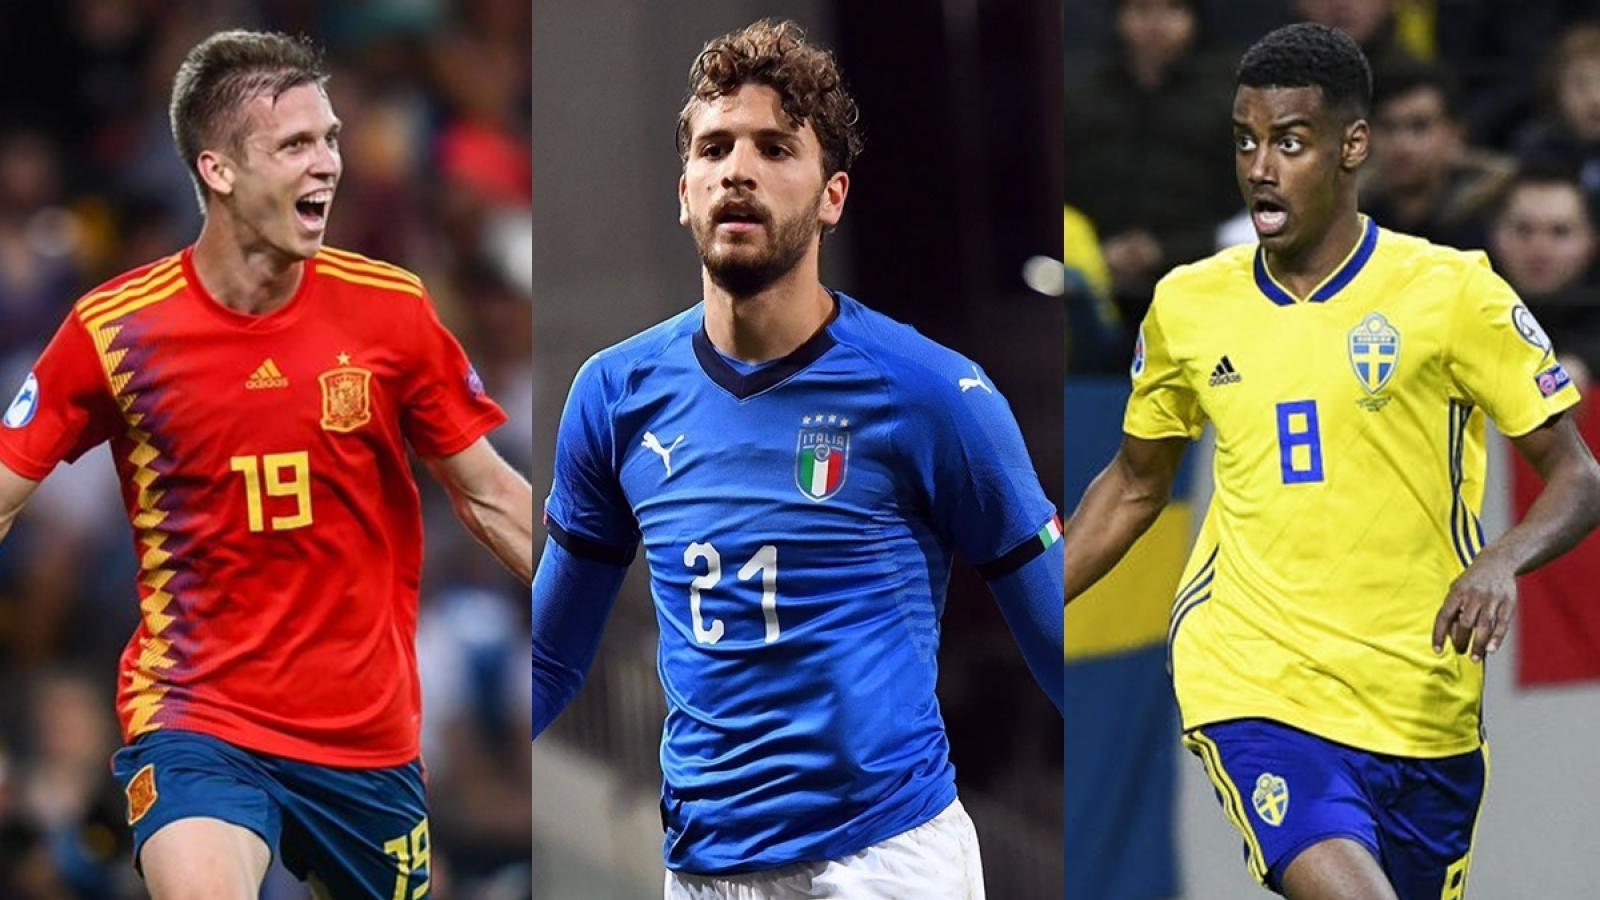 Top 10 tài năng trẻ hứa hẹn tỏa sáng ở VCK EURO 2020